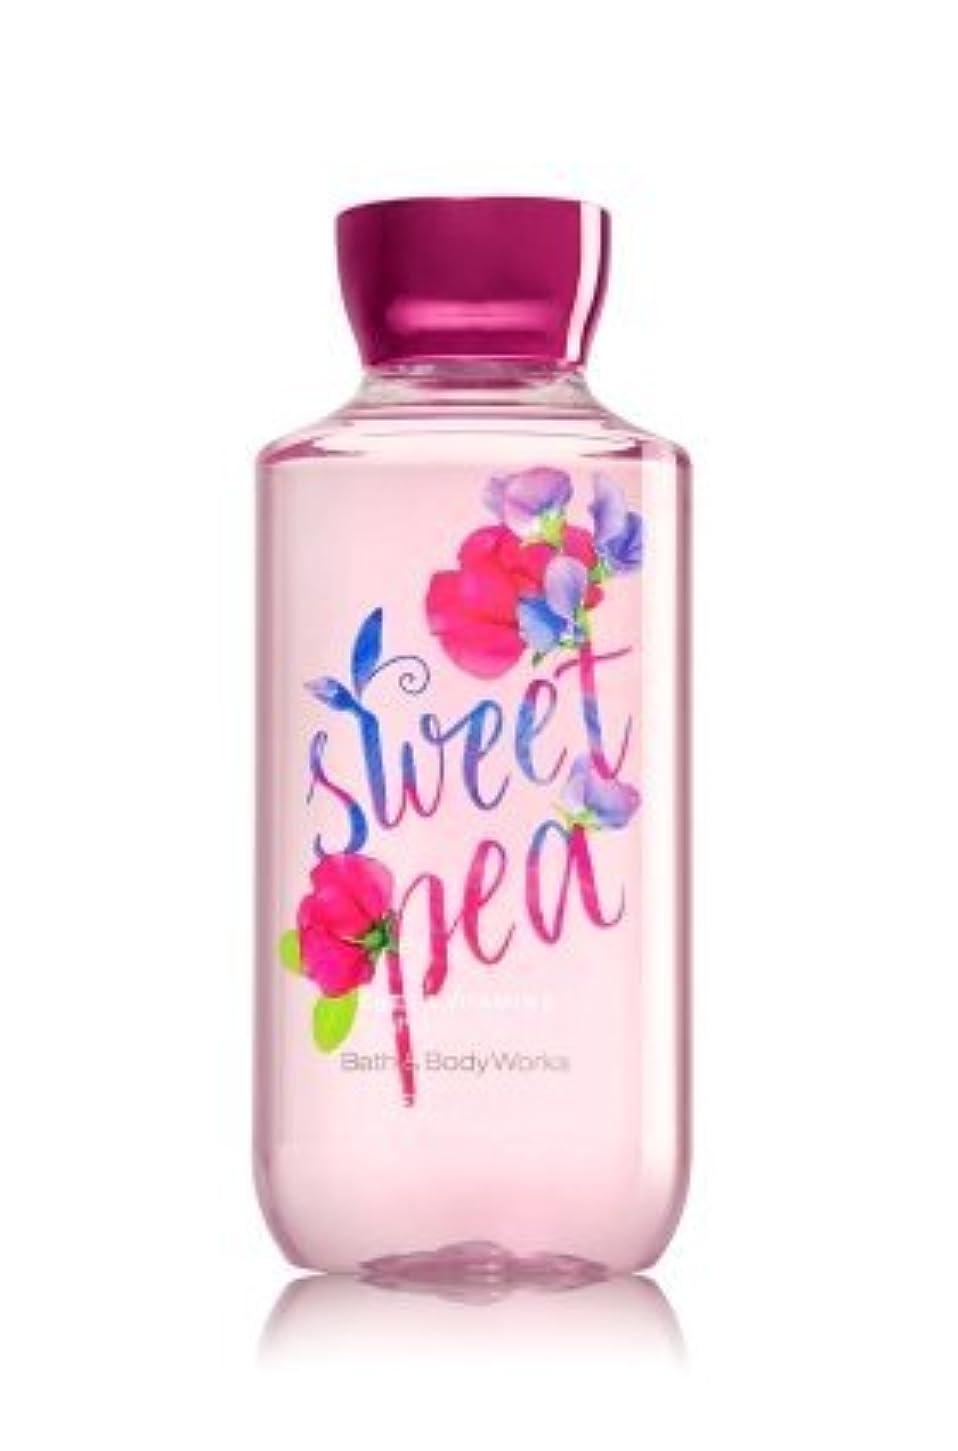 認める天窓レコーダー【Bath&Body Works/バス&ボディワークス】 シャワージェル スイートピー Shower Gel Sweet Pea 10 fl oz / 295 mL [並行輸入品]